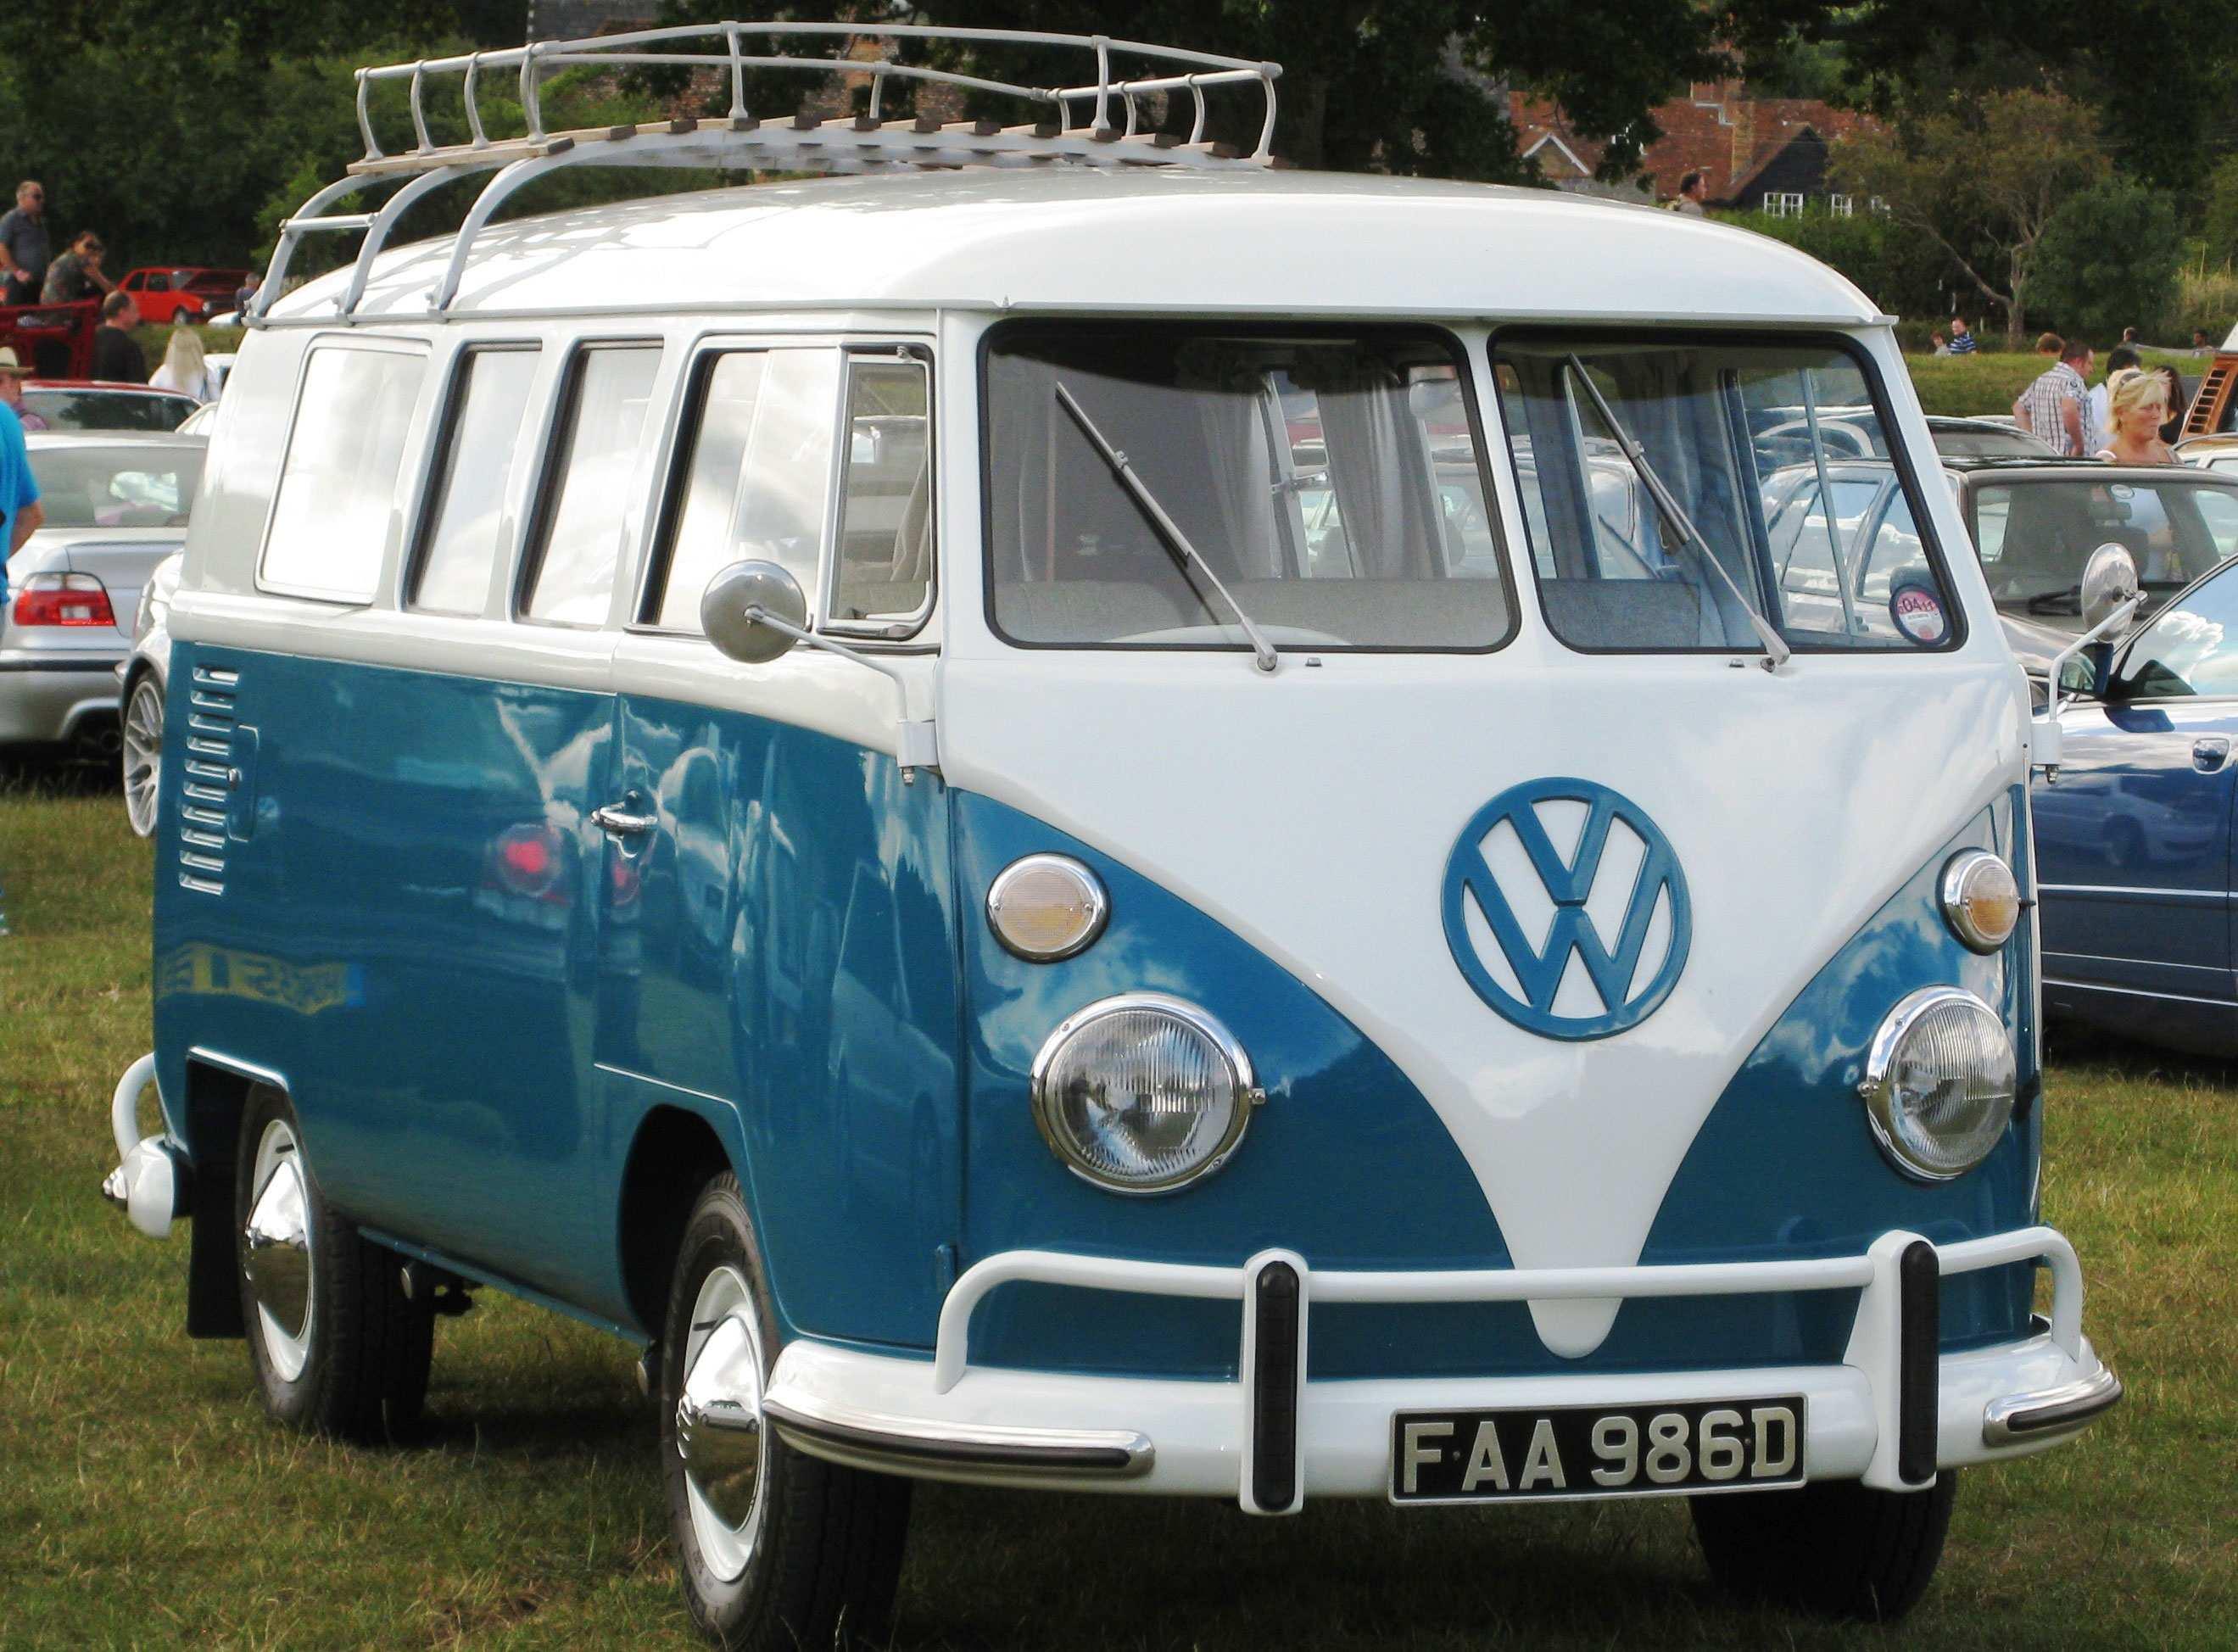 38 Gallery of 2019 Volkswagen Van Picture for 2019 Volkswagen Van